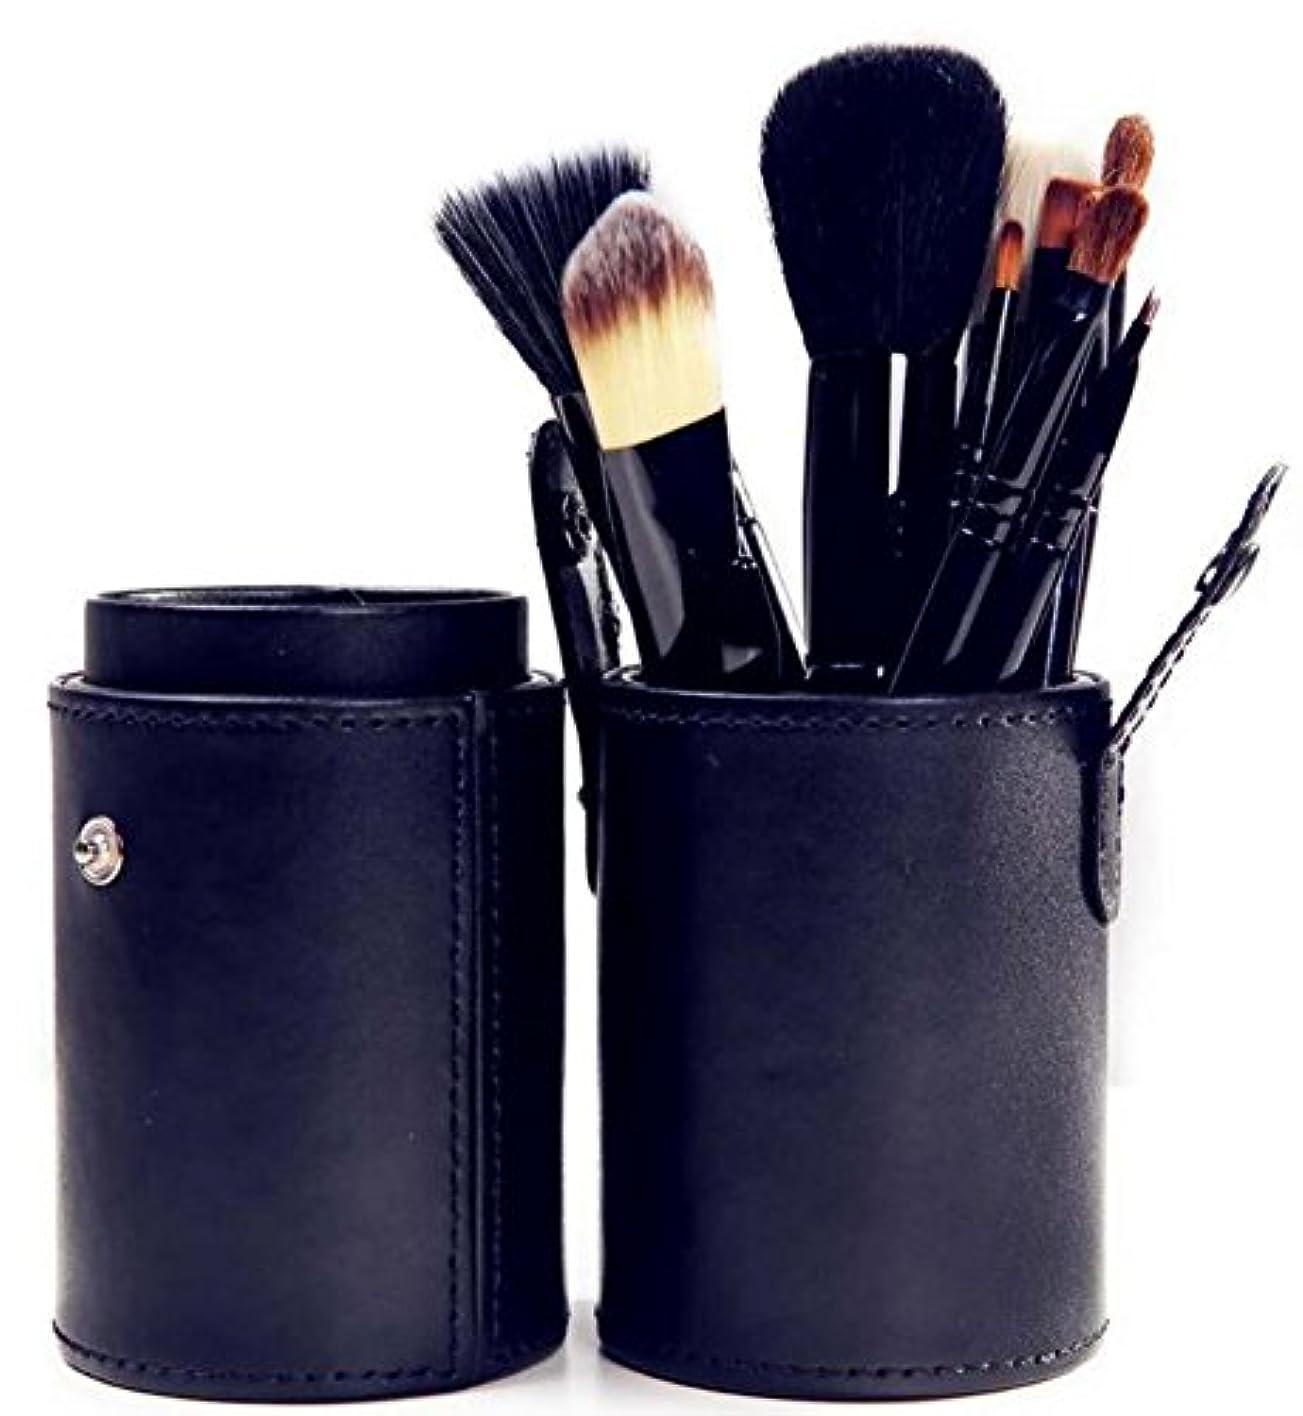 やさしい忠実実際のIvyOnly   メイクブラシセット 化粧ブラシ 12本 化粧筆 丸いタイプ 極細毛 収納ケース付き (ブラック)